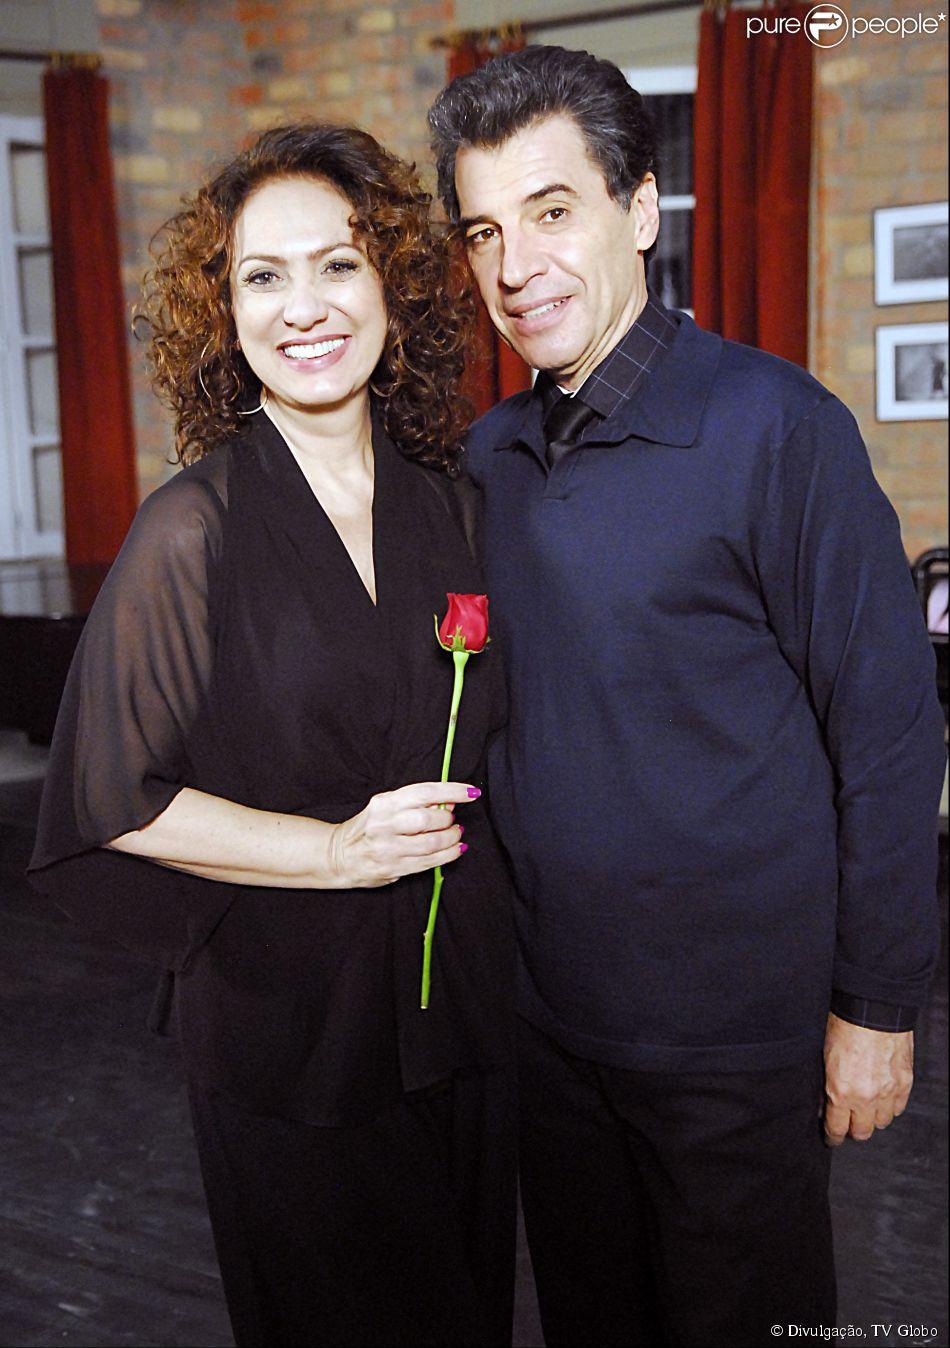 Após 'Império', Paulo Betti rodará filme com a ex-mulher Eliane Giardini: 'Sobre o amor'